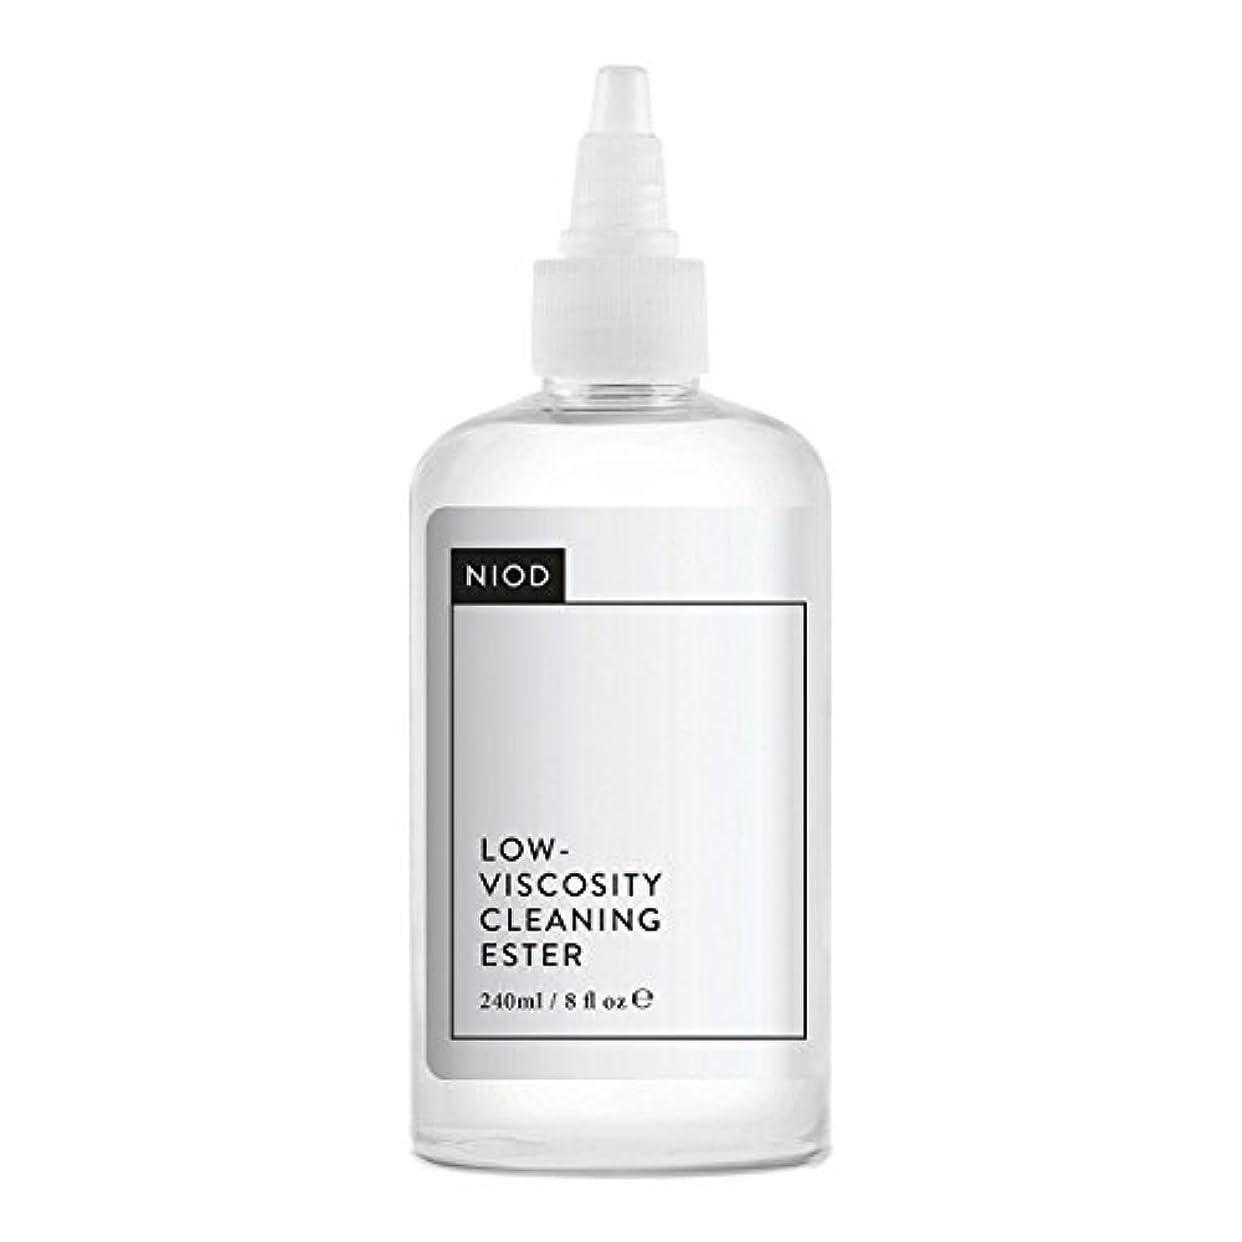 添付マリナー予想するNiod Low-viscosity Cleaning Ester 240ml [並行輸入品]